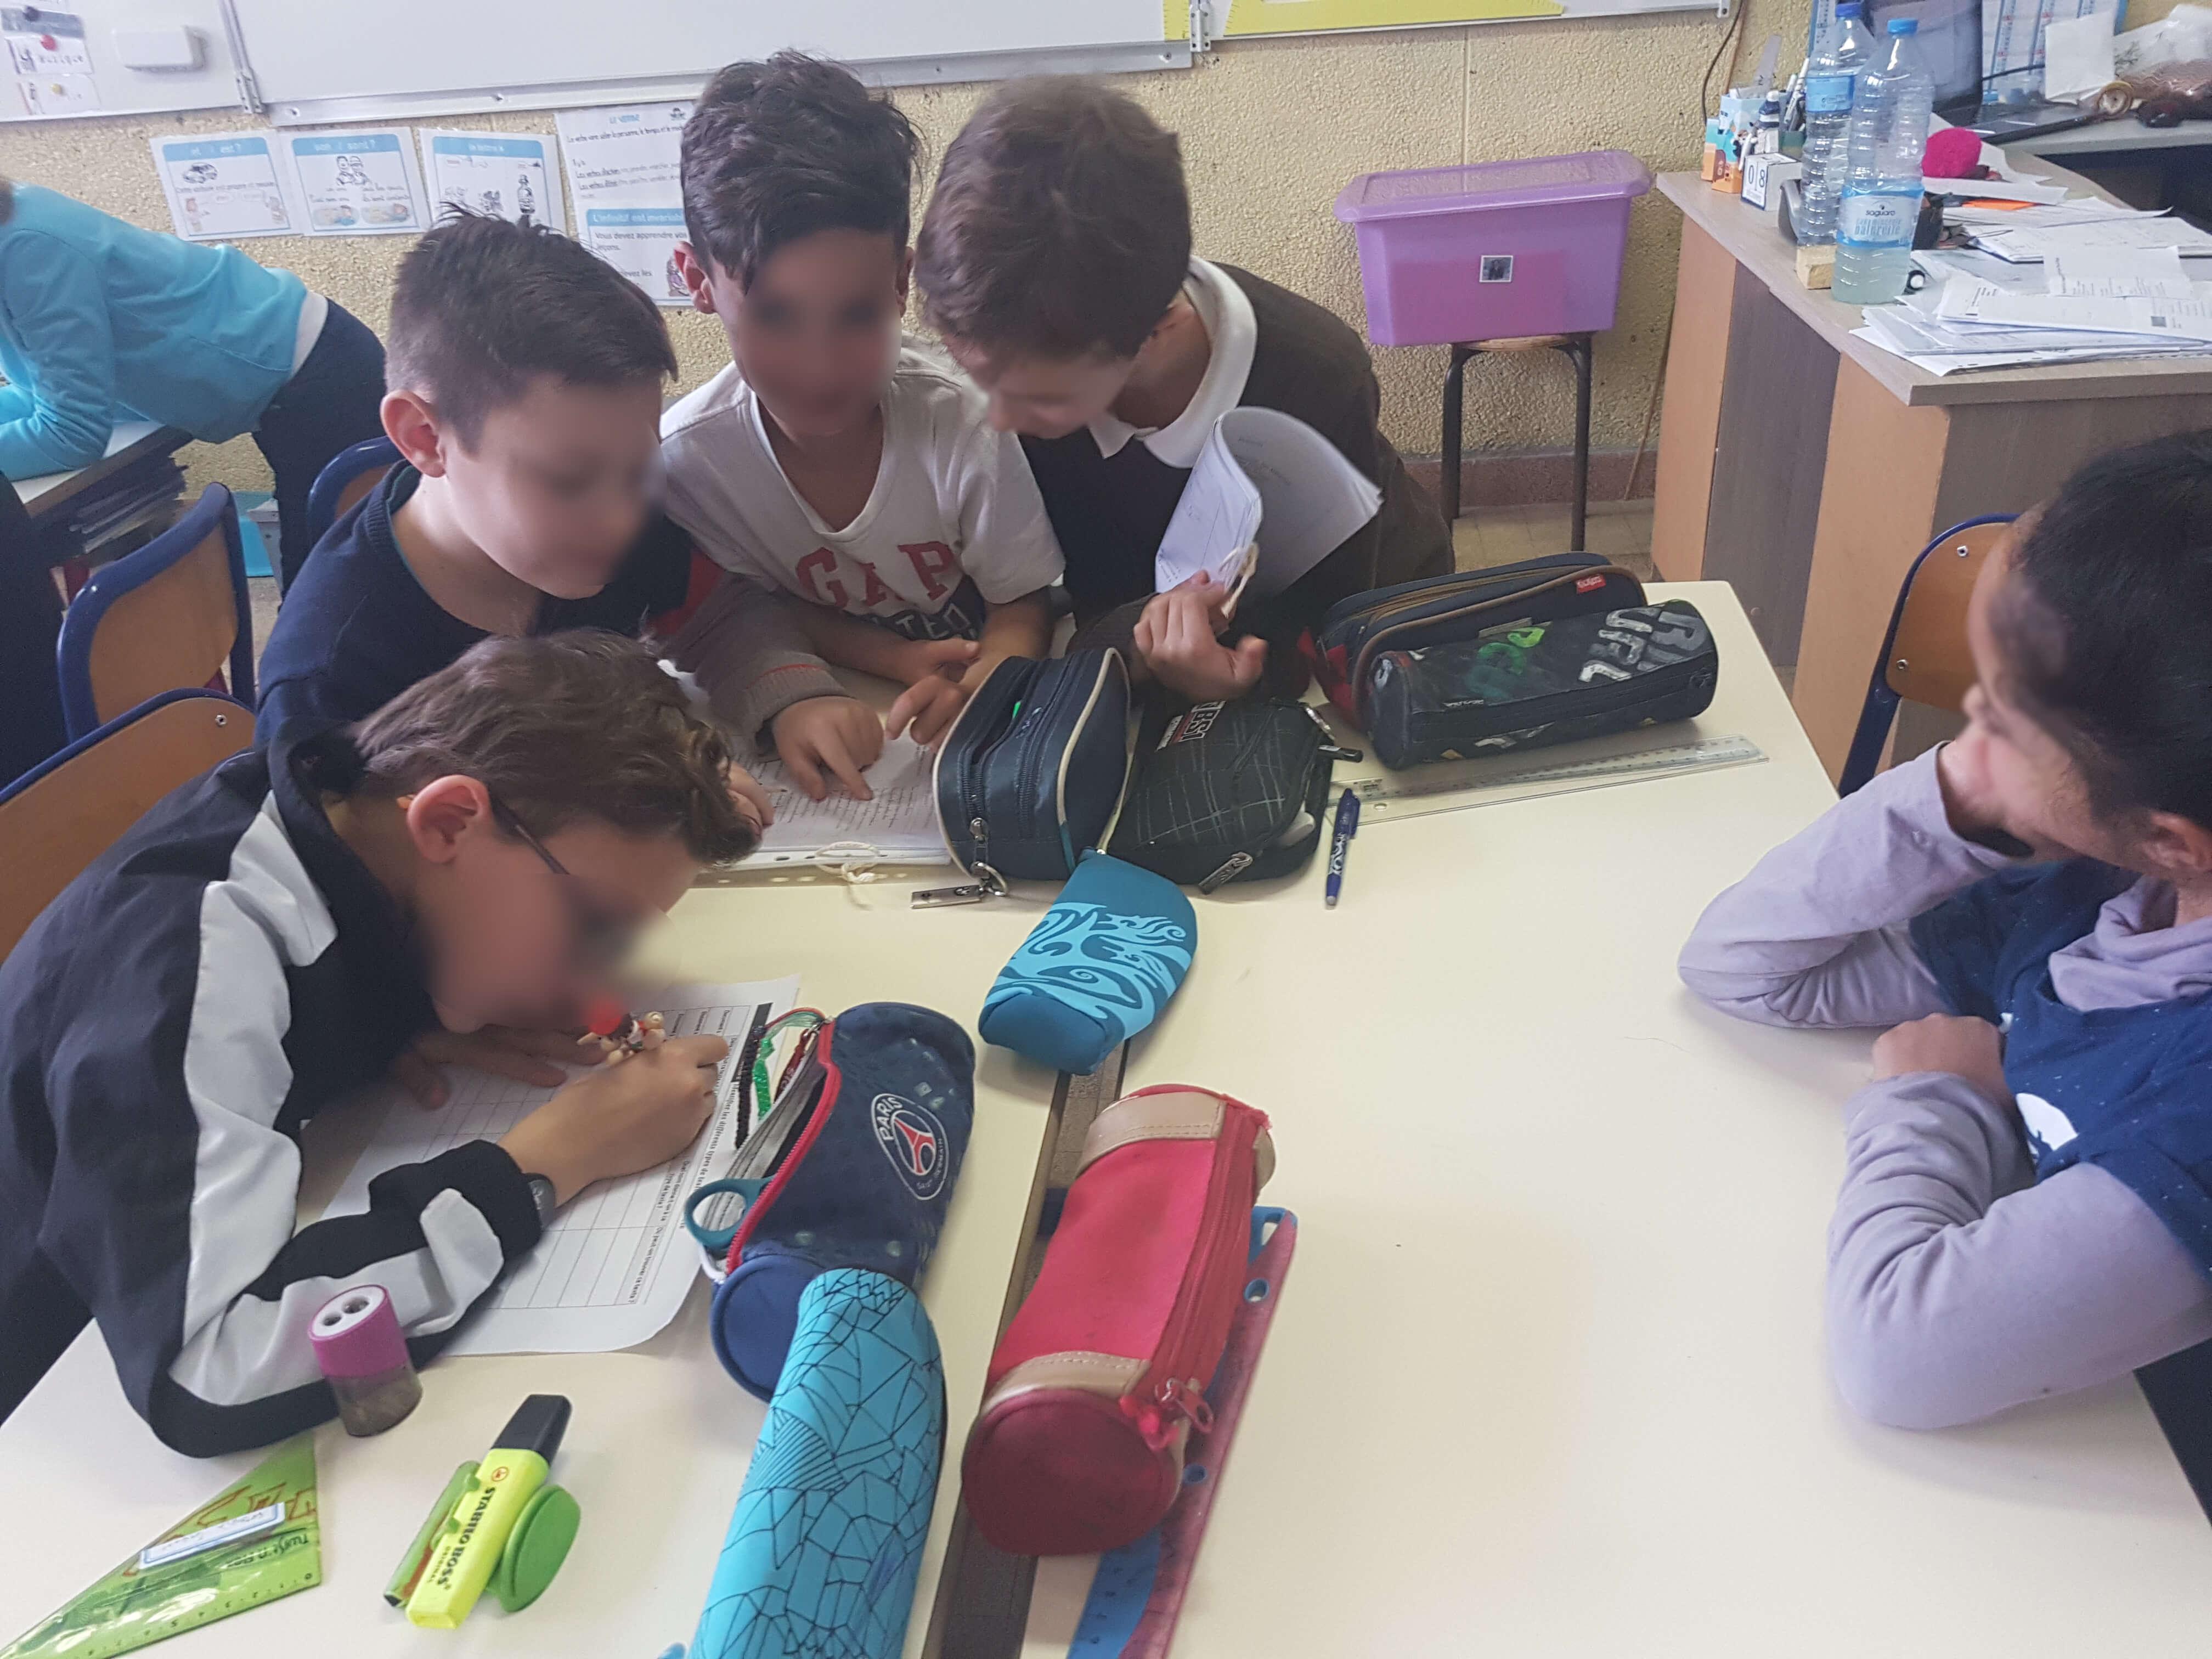 Les élèves sont en atelier pour réfléchir ensemble aux caractéristiques des différents textes proposés.